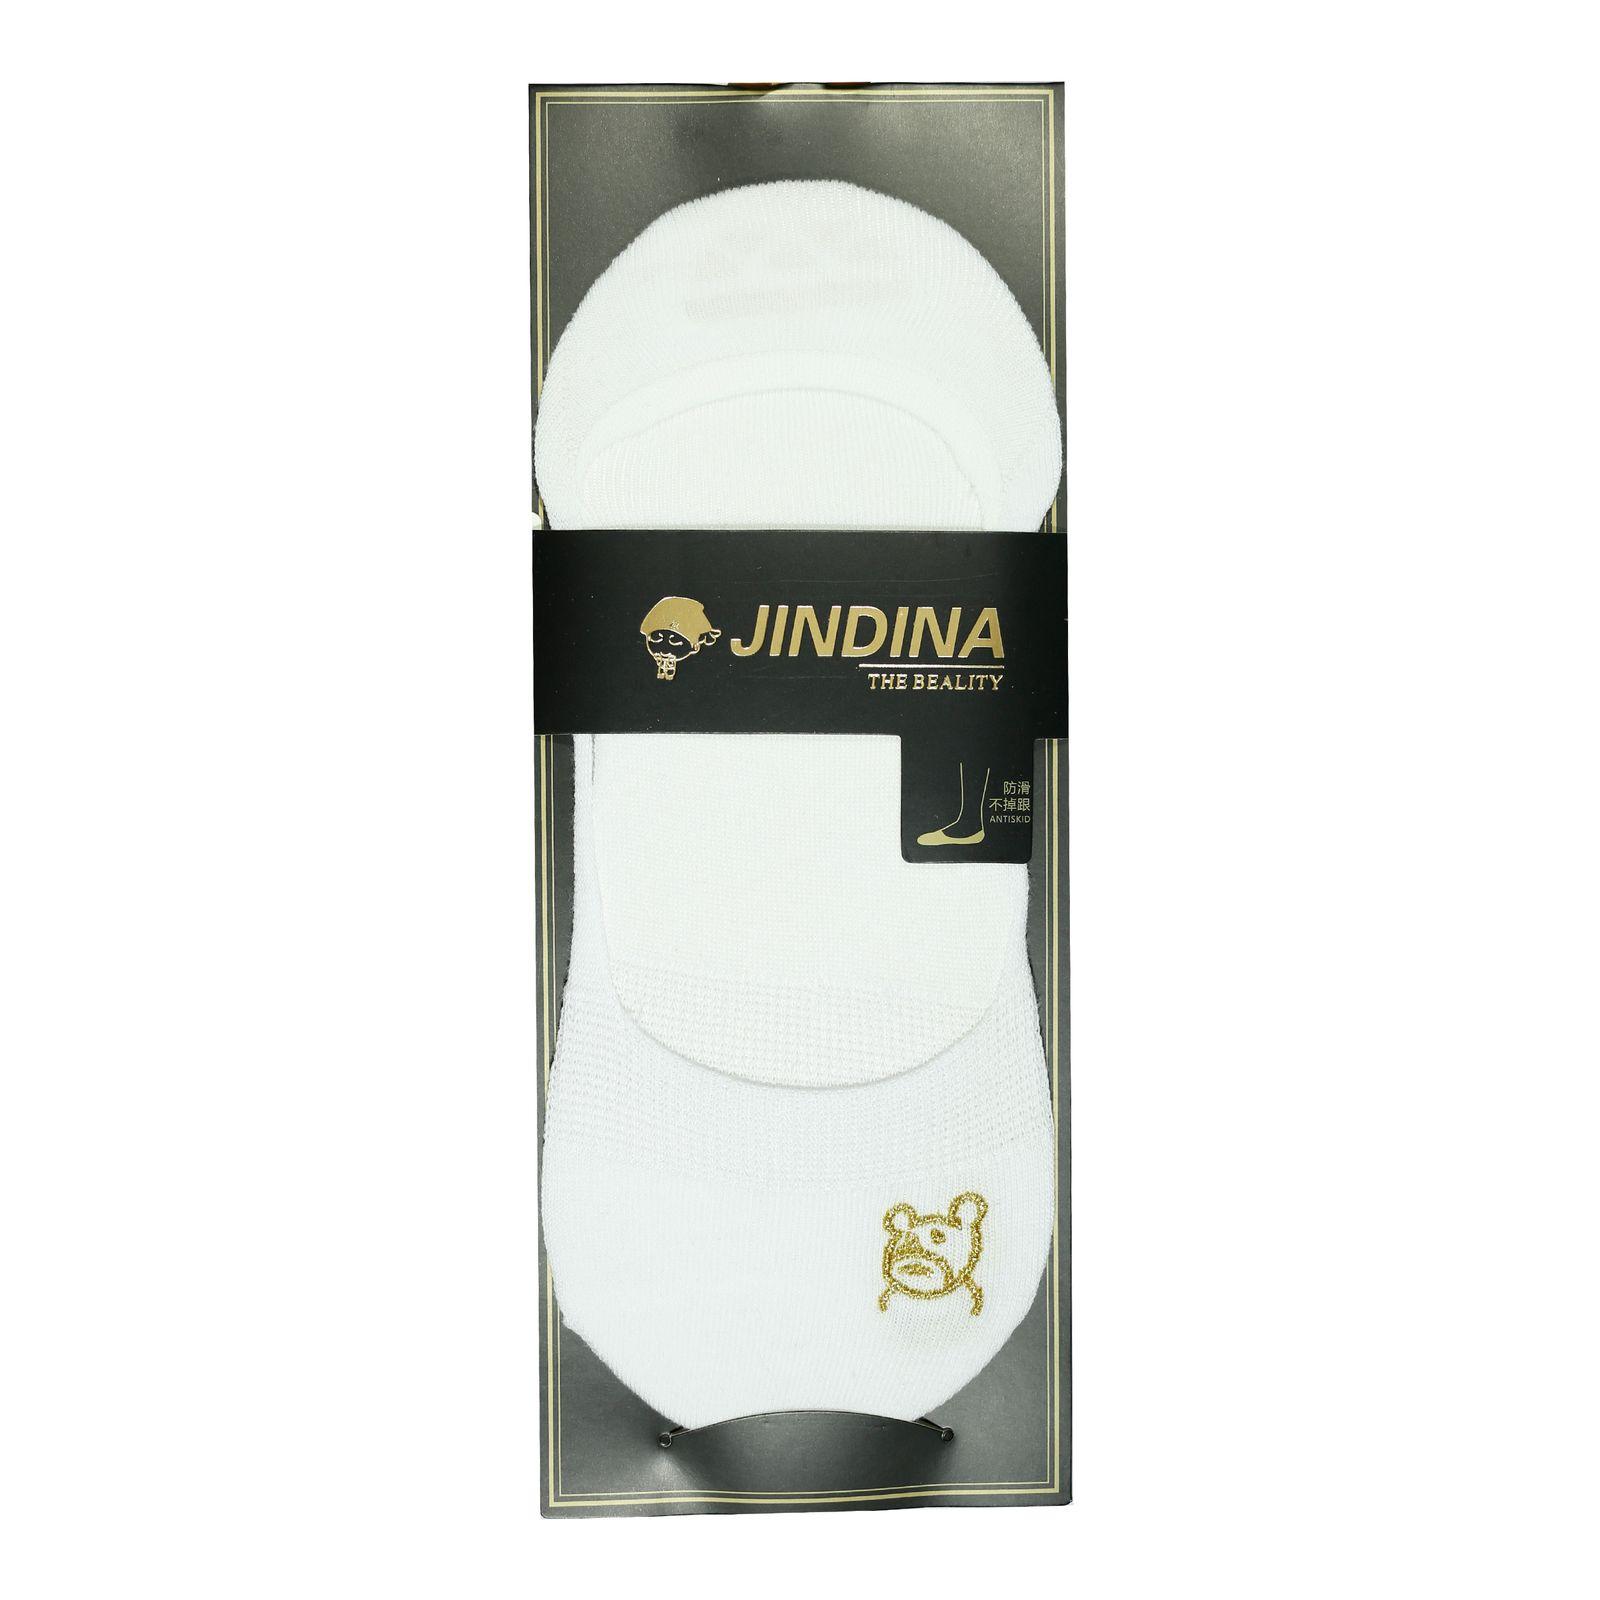 جوراب مردانه جین دینا کد BL-CK 203 مجموعه 3 عددی -  - 3